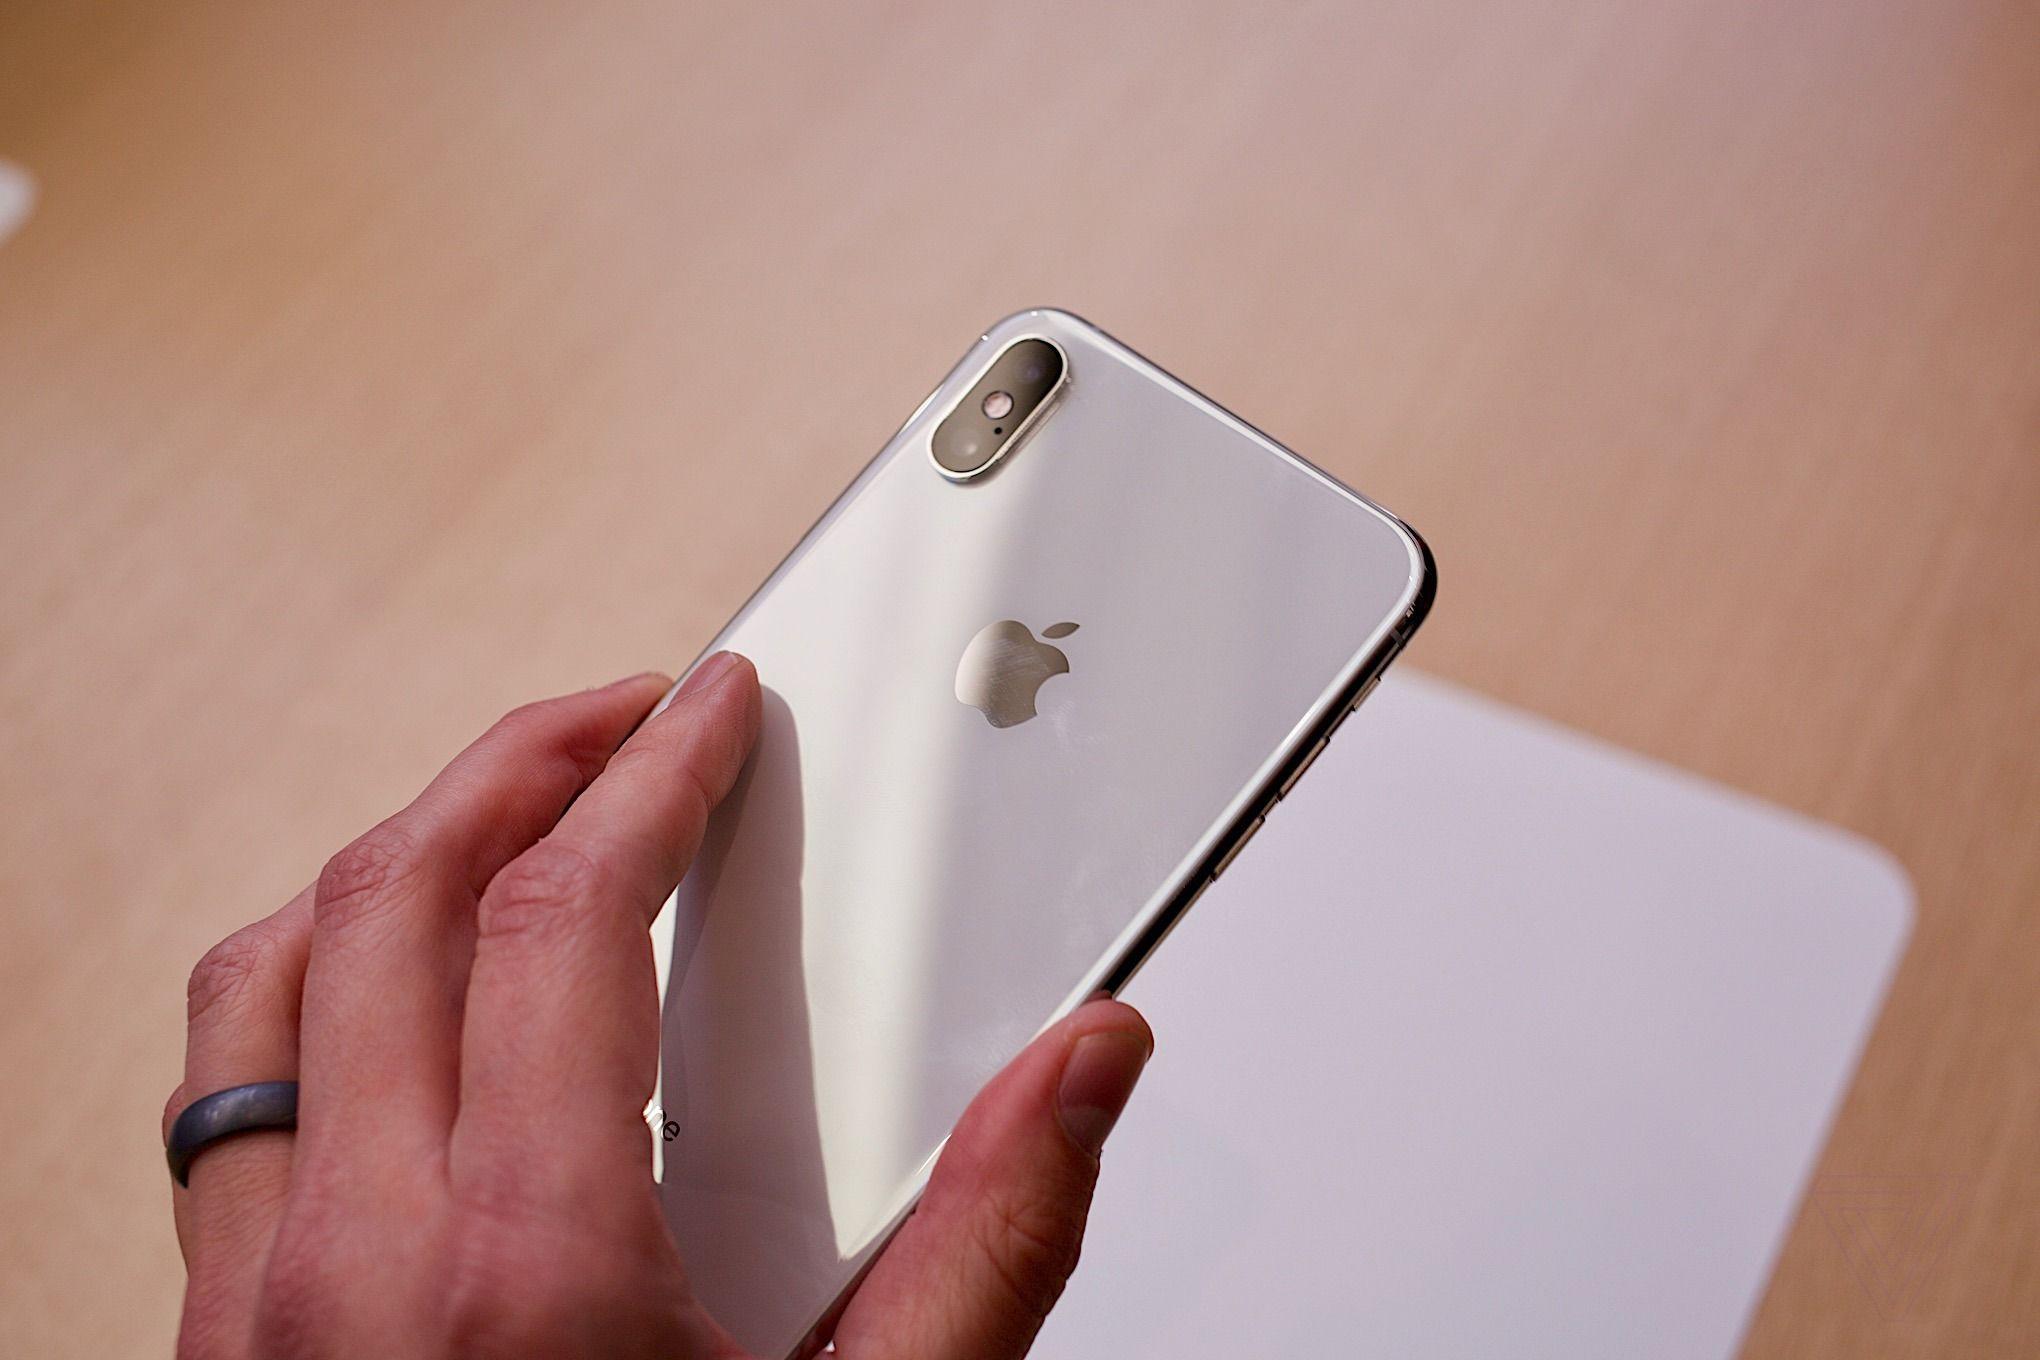 iPhone XS có dung lượng thực tế thấp hơn 8GB so với quảng cáo